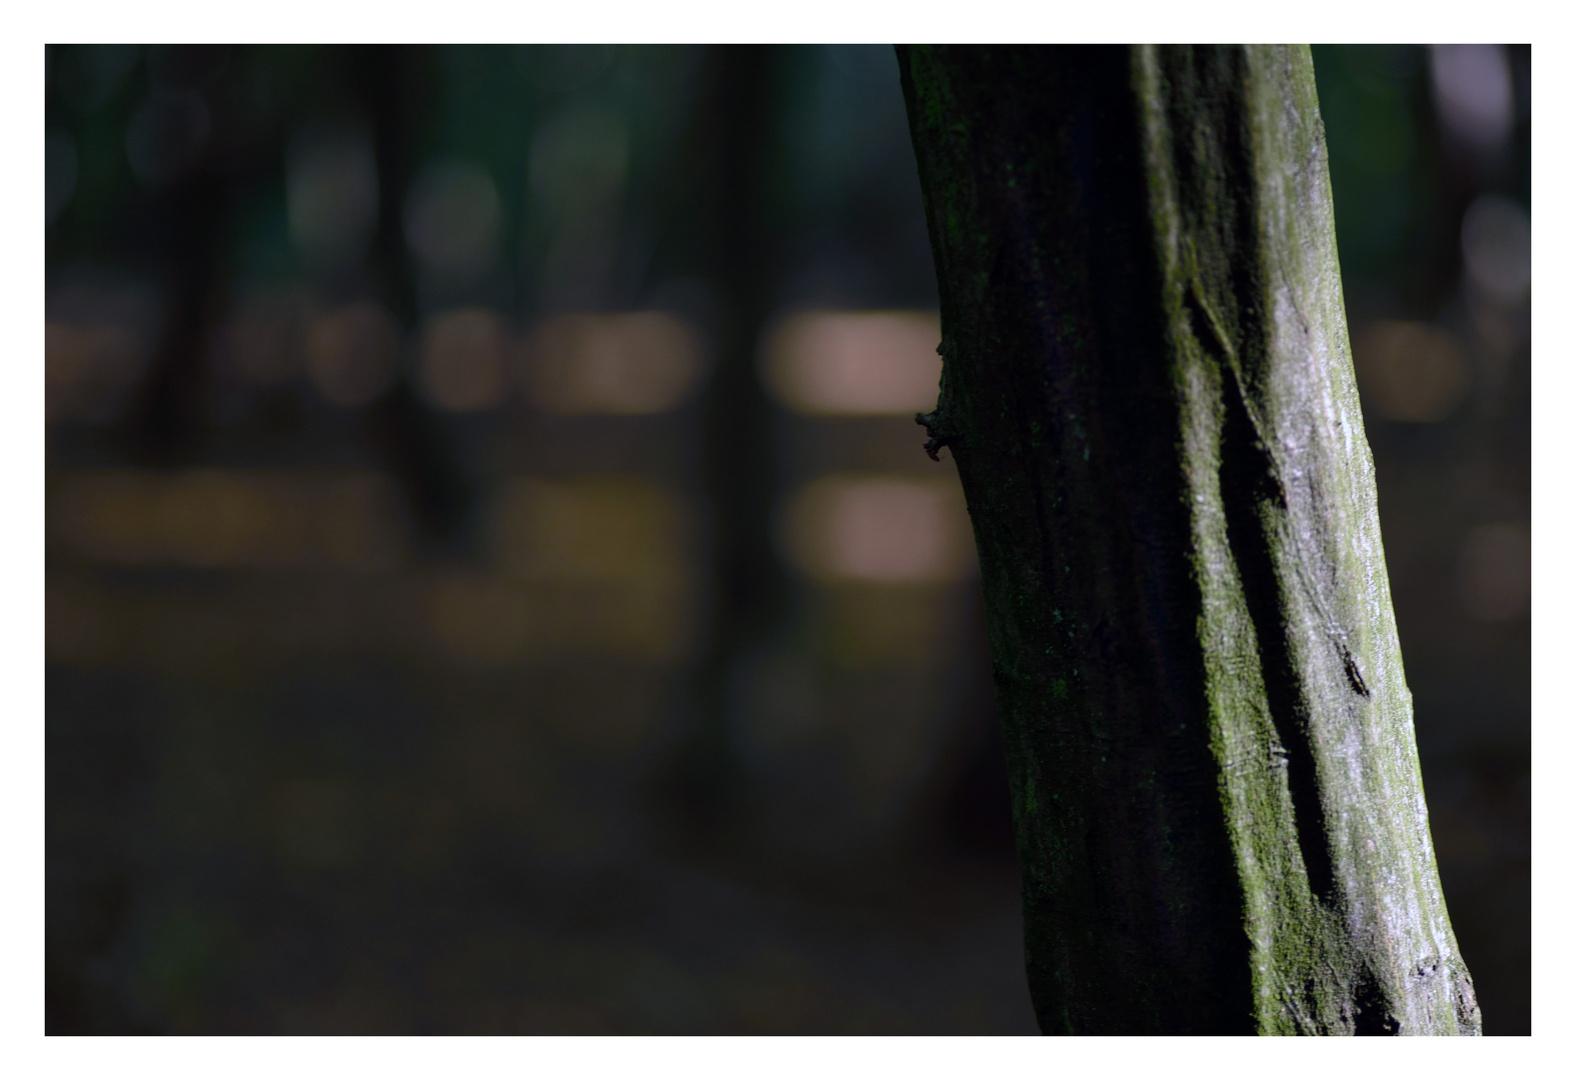 Leben wie ein Baum, einzeln und frei. Foto & Bild